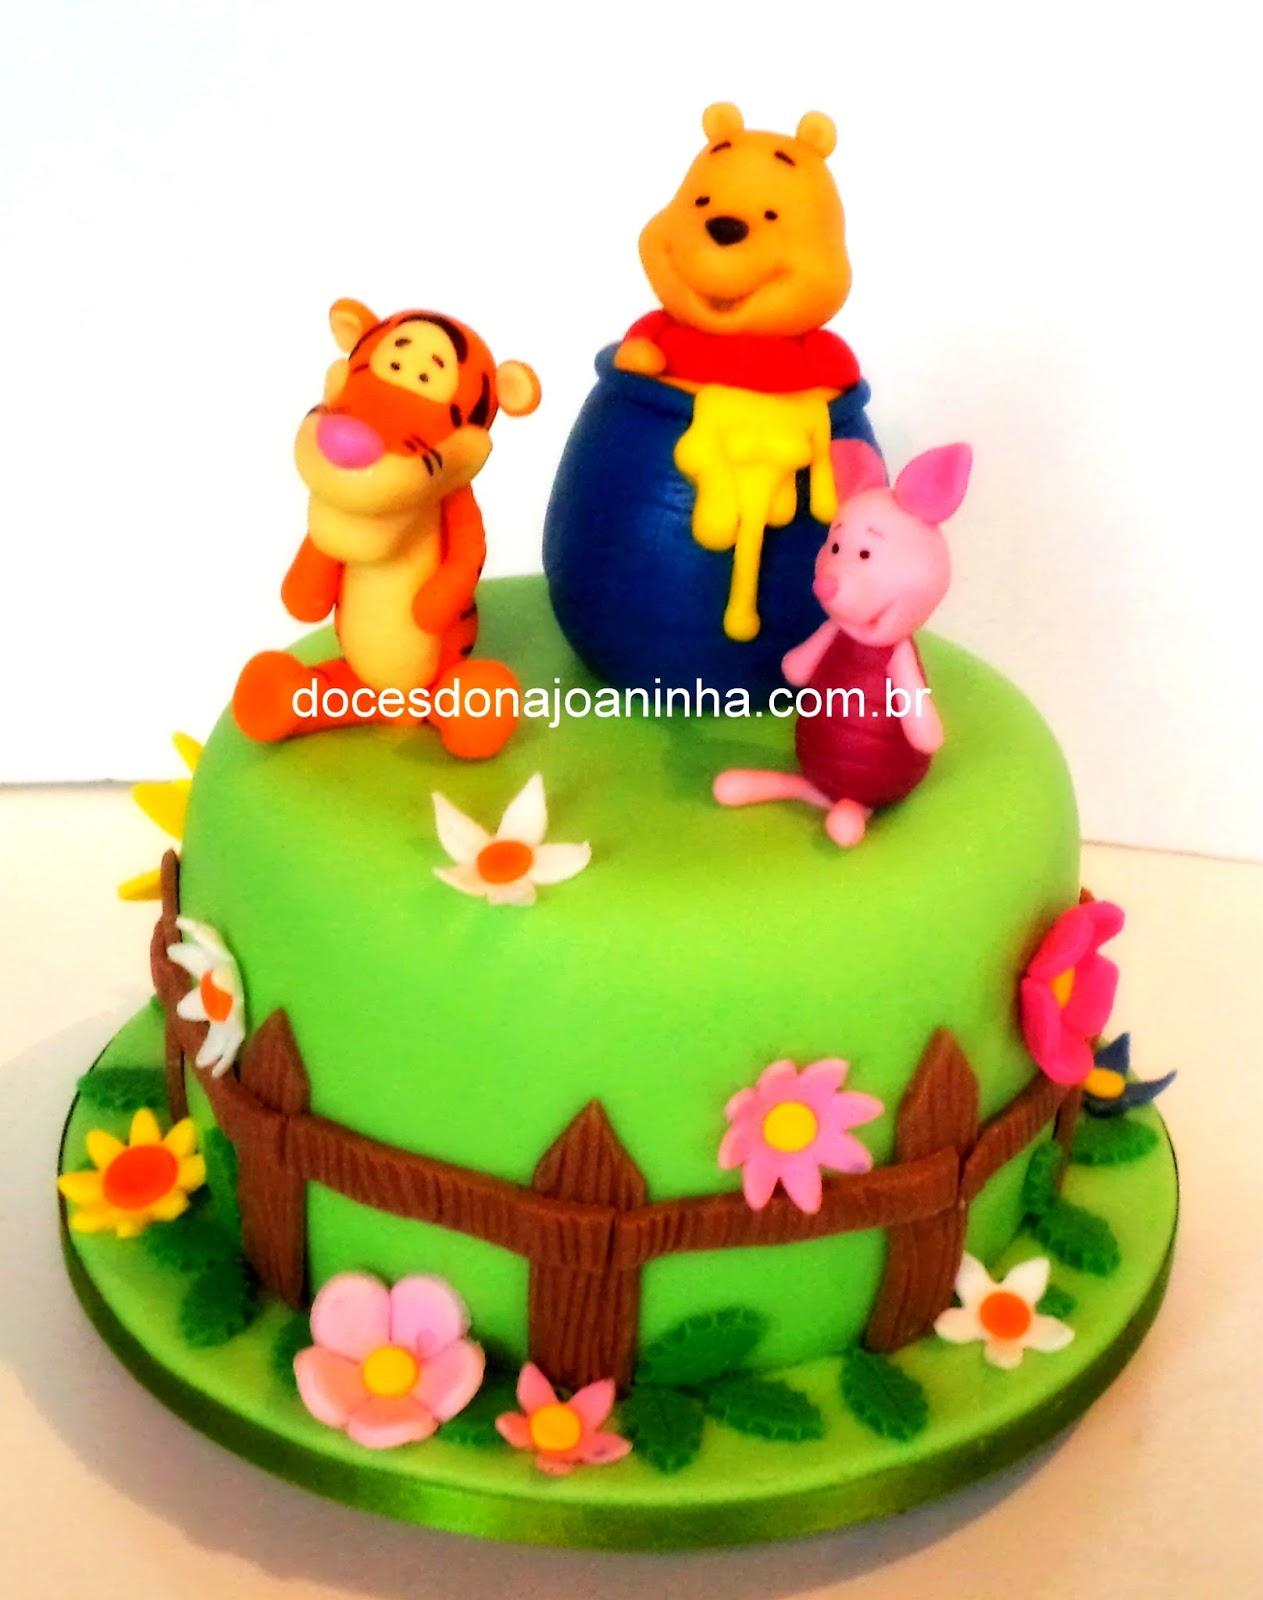 Bolo decorado ursinho Pooh no pote de mel com o Tigrão e o Leitão